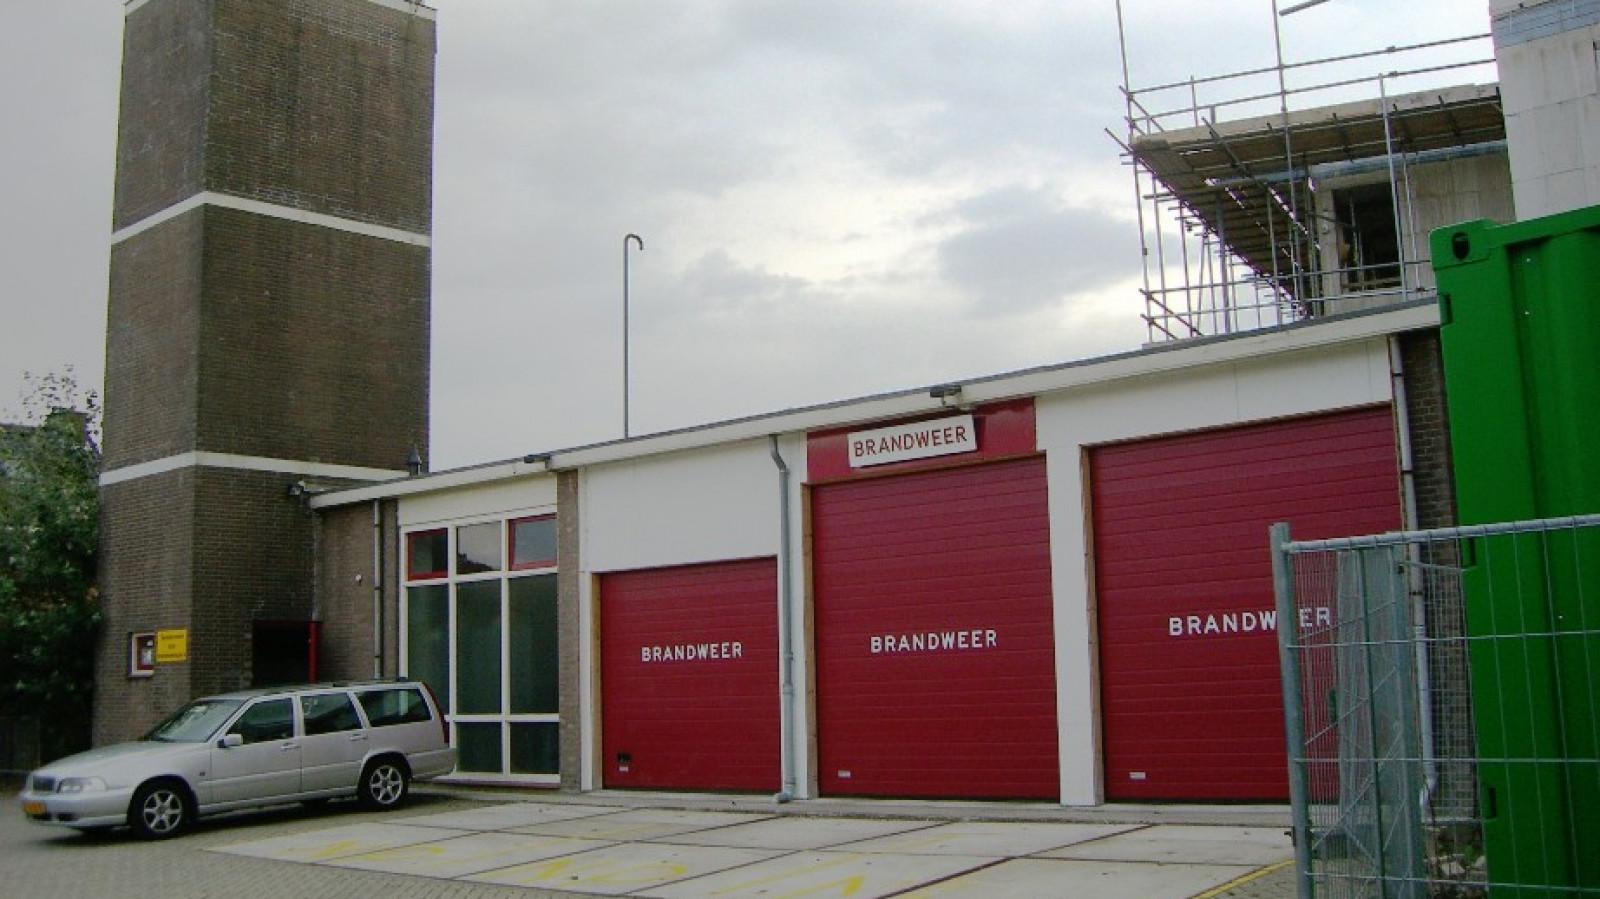 Brandweer Ouderkerk aan de Amstel